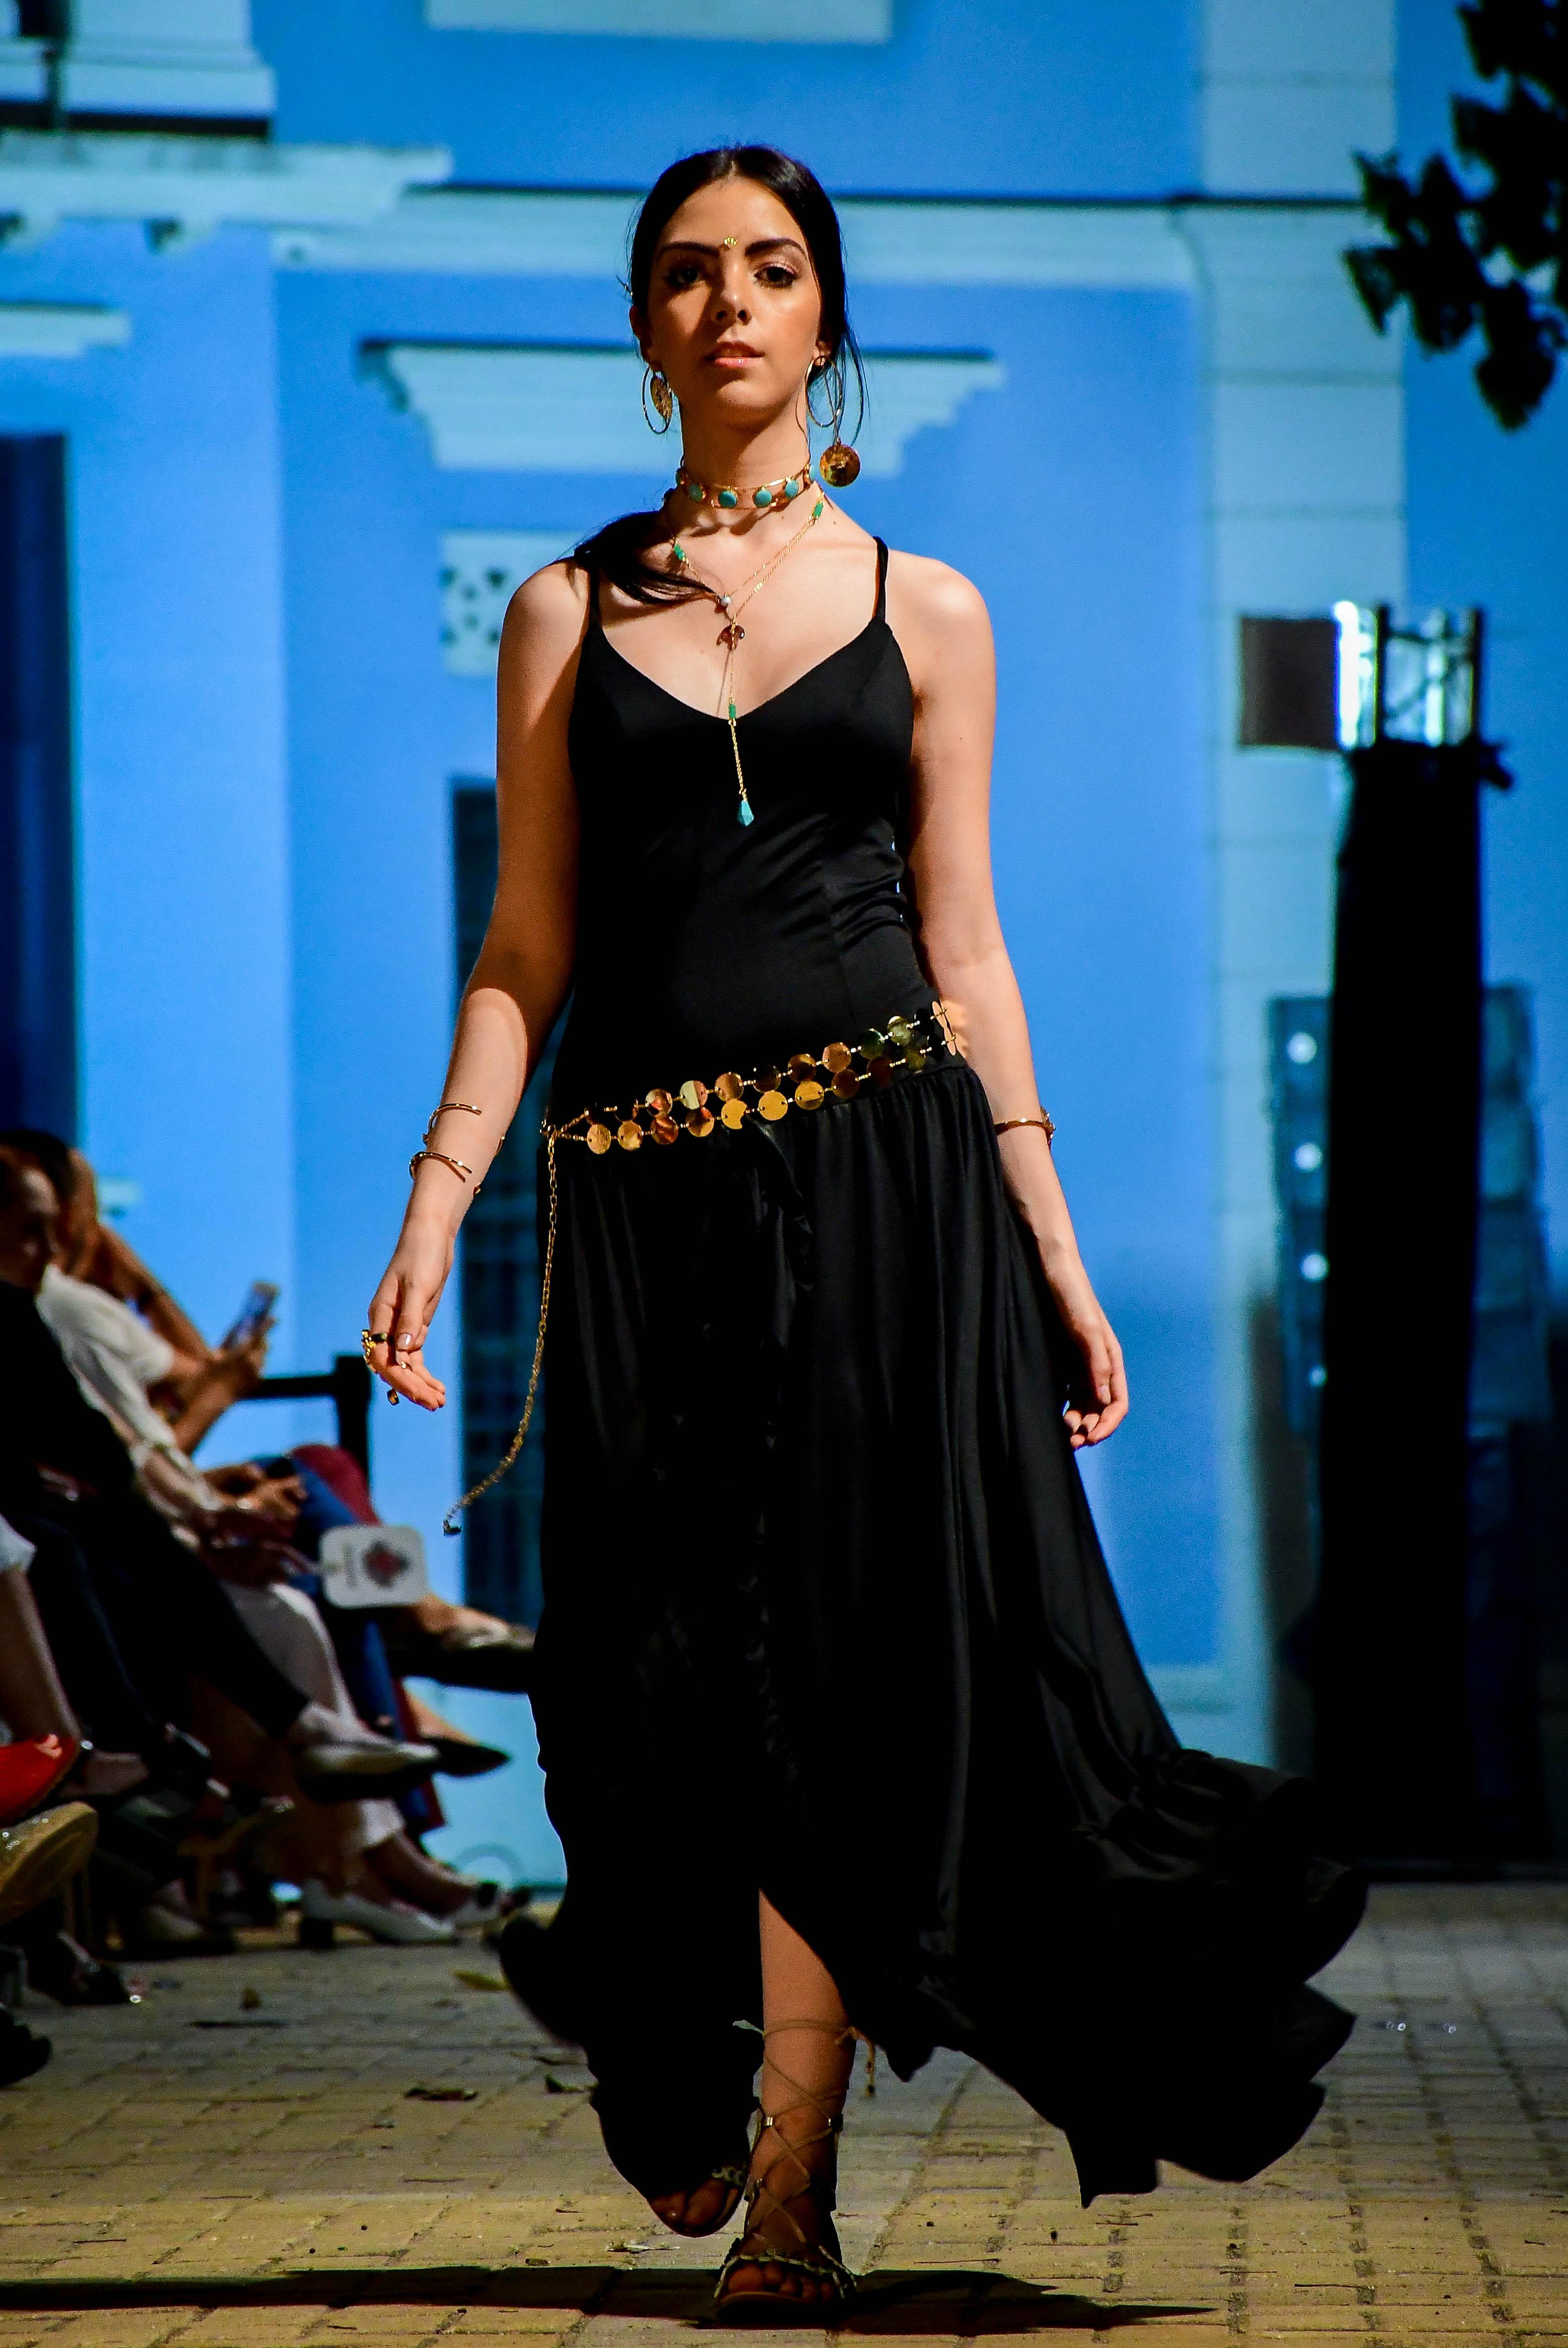 """La Magia de la Joyería de Xio Pérez. Las joyas reclamaron su importancia en la pasarela con la colección """"Bohemia Dorada"""" de Xio Pérez. Los diseños se lucieron en vestidos fluidos y colores sólidos."""